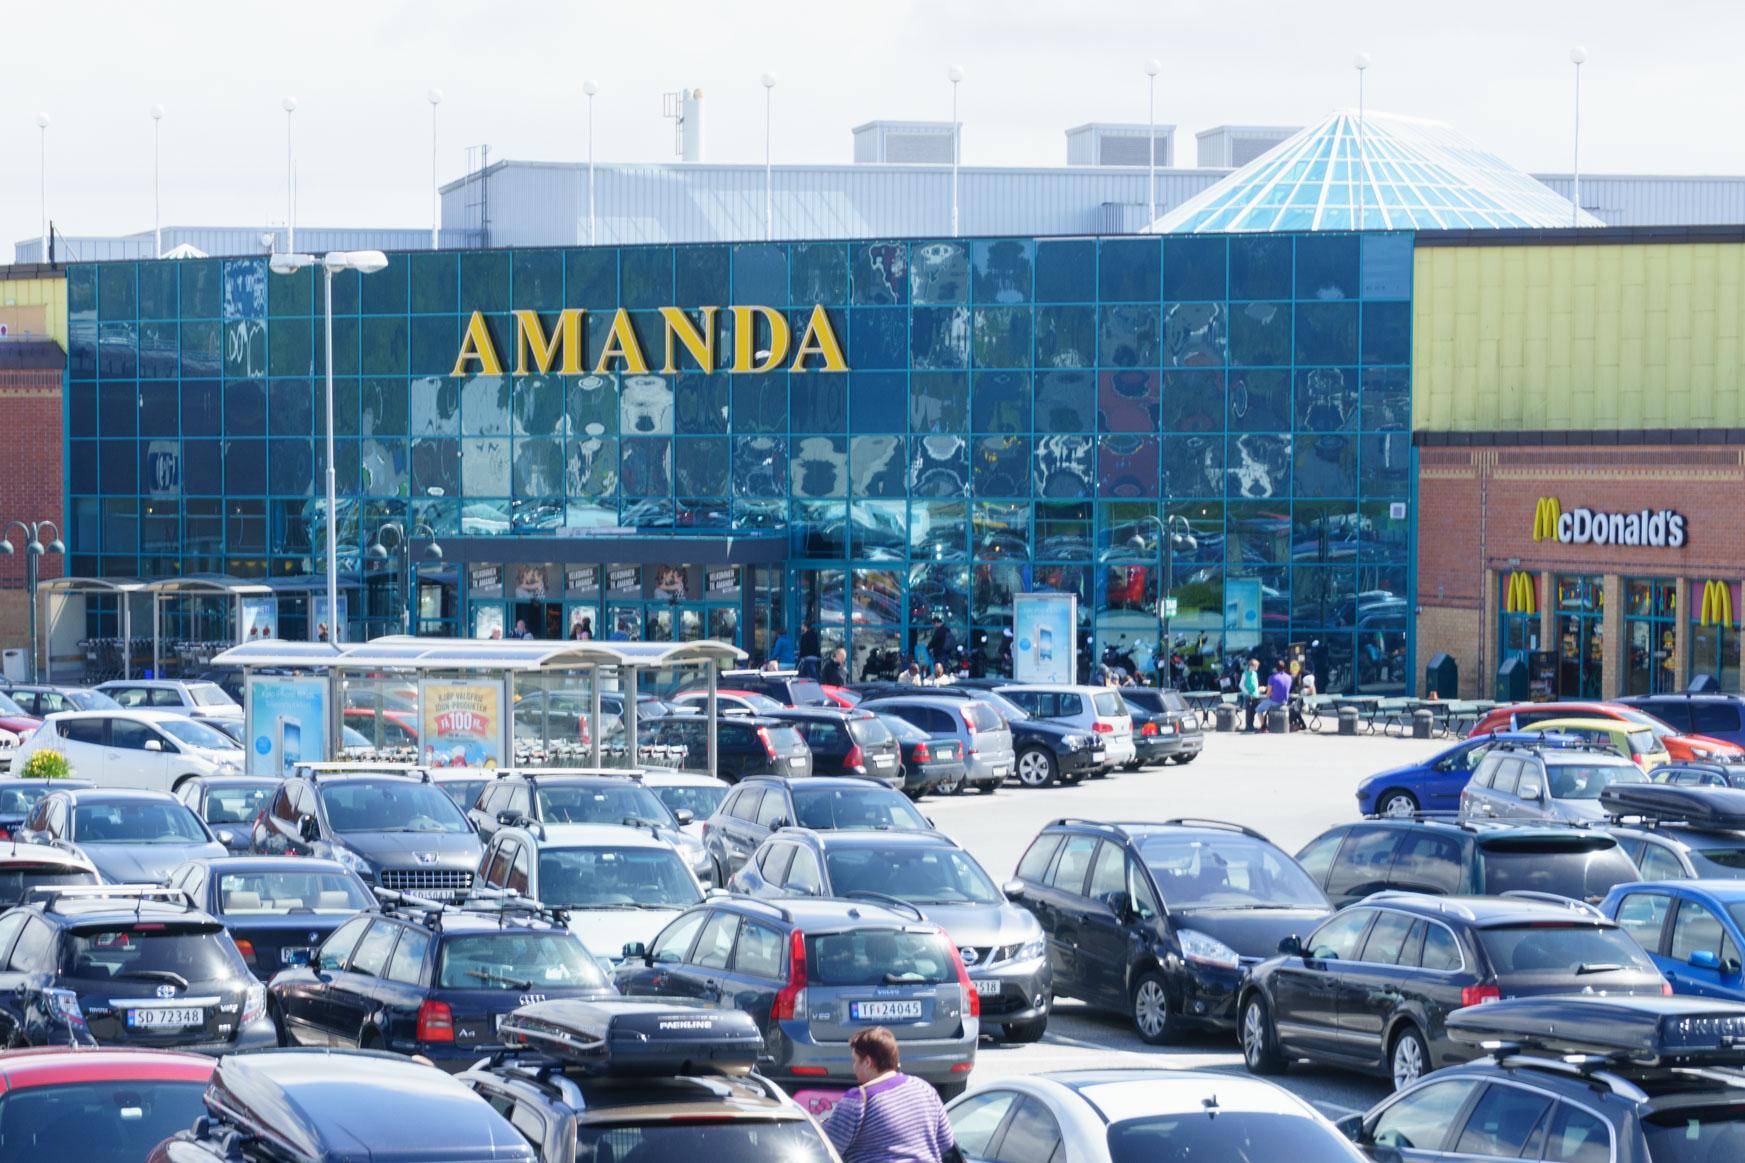 Amanda Einkaufszentrum